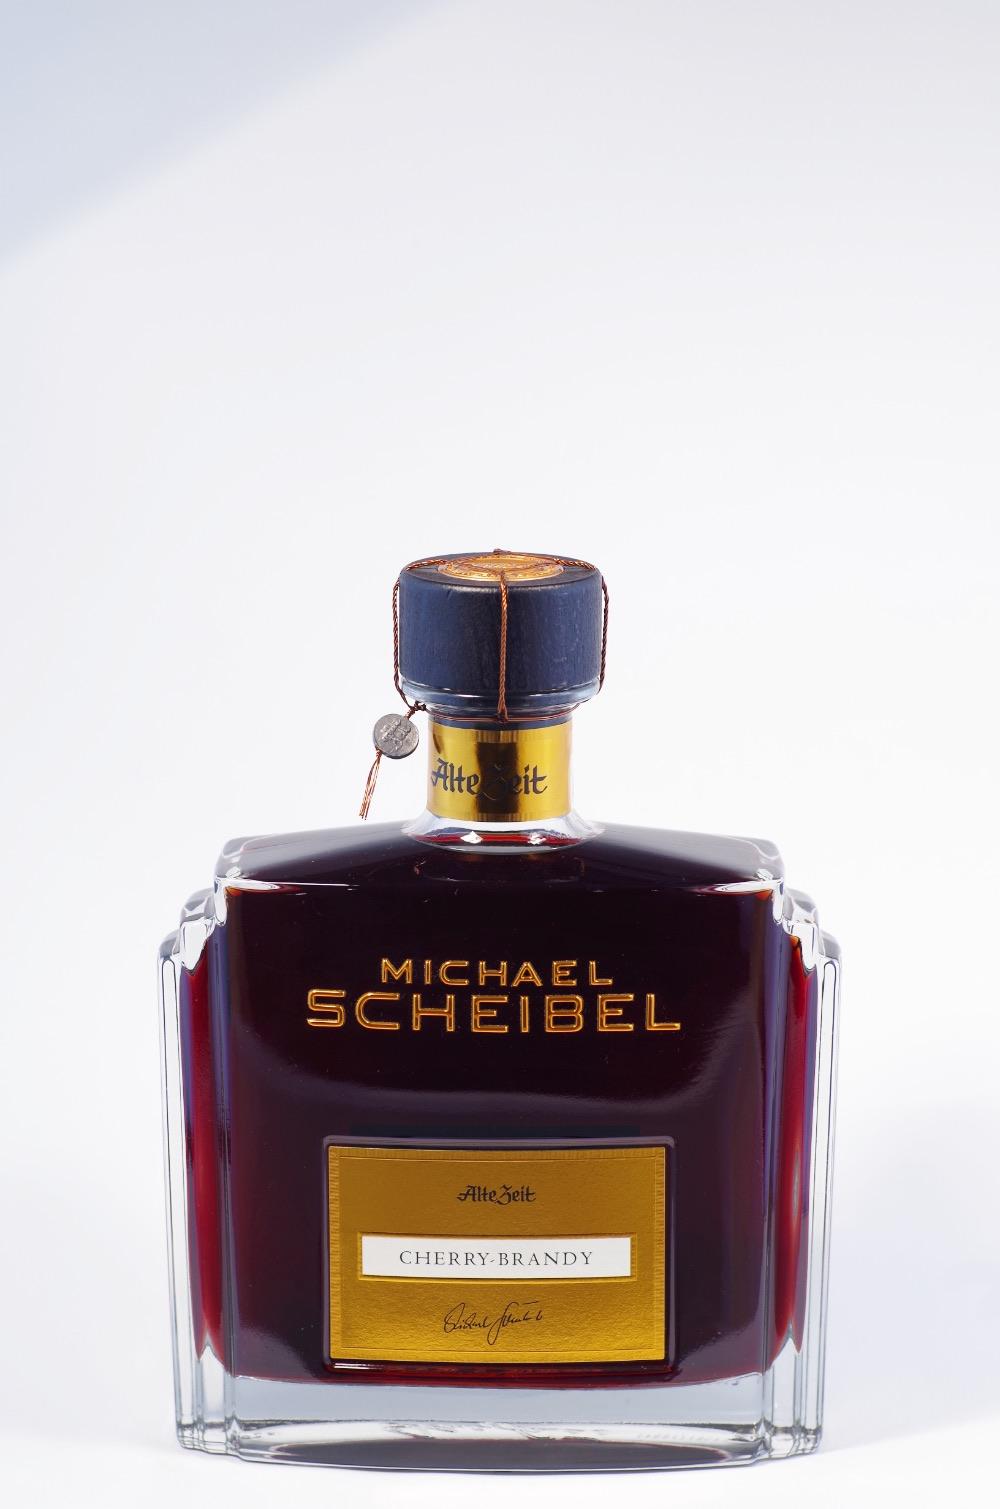 Scheibel Alte Zeit Cherry Brandy Bild